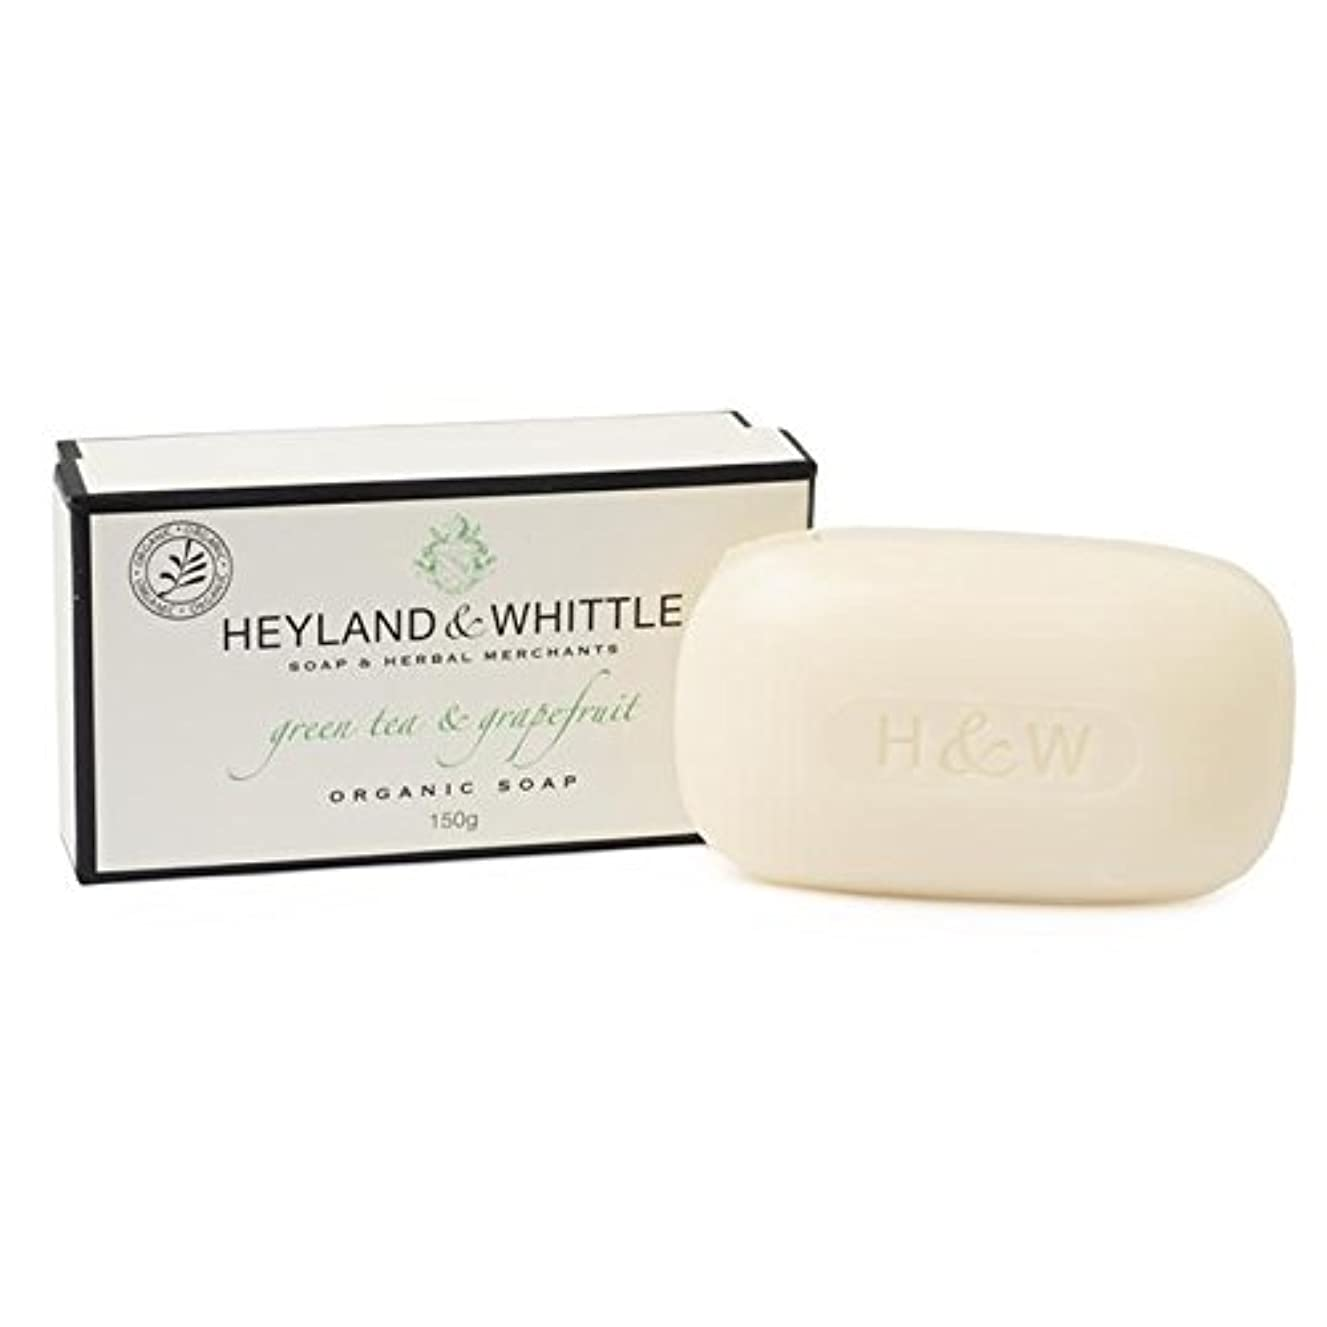 場合肥満ひねり&削る緑茶&グレープフルーツはオーガニックソープ150グラム箱入り x2 - Heyland & Whittle Green Tea & Grapefruit Boxed Organic Soap 150g (Pack...